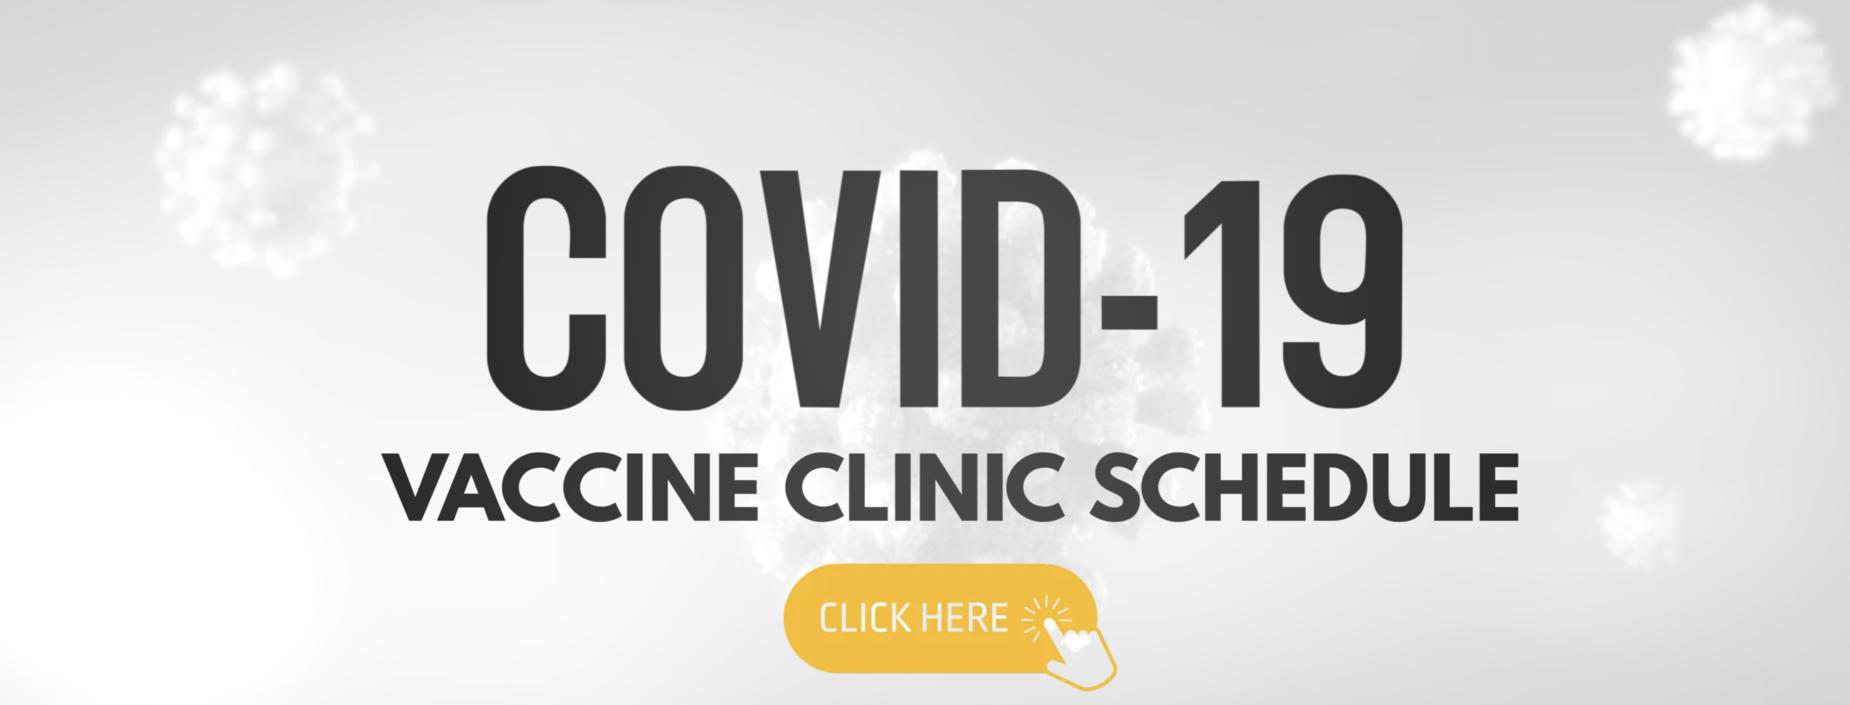 COVID-19 Vaccine Clinic Schedule